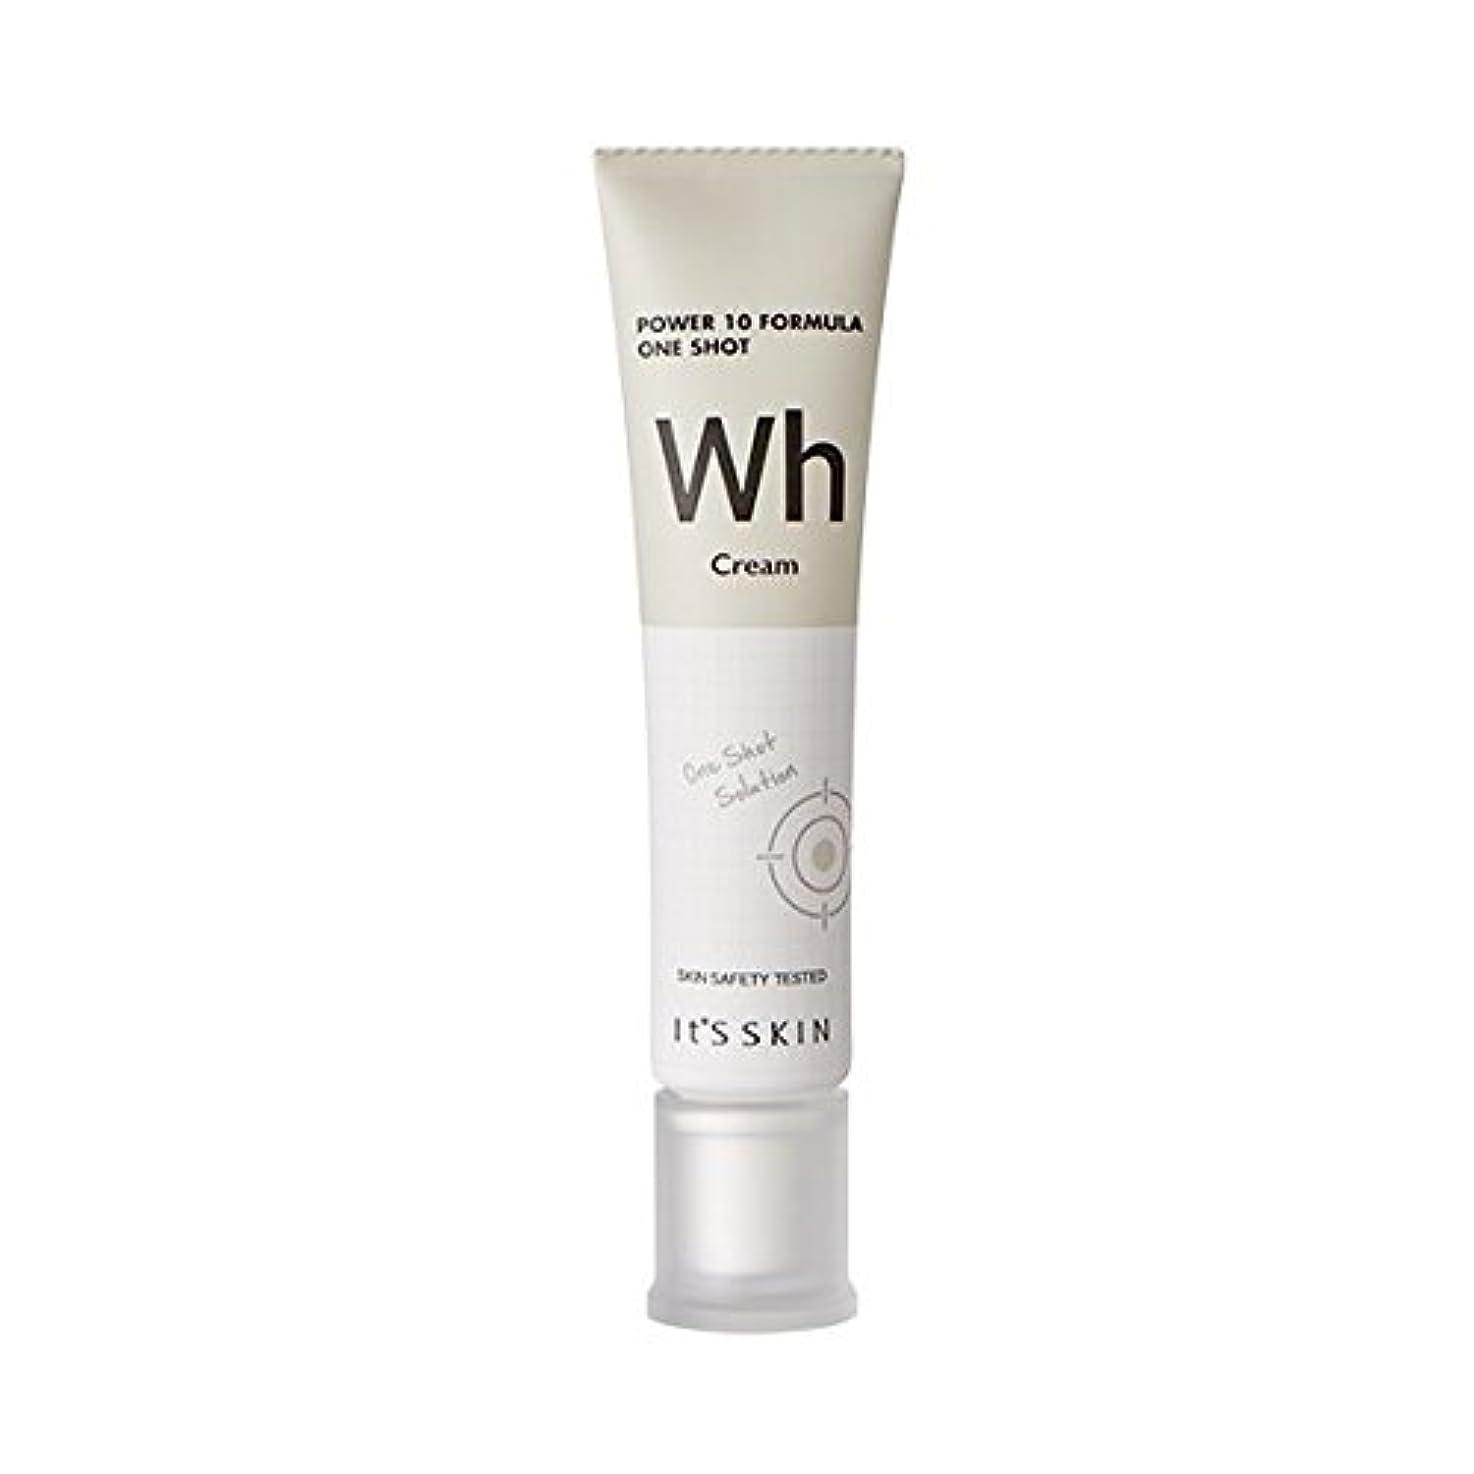 カウンターパート気がついて乳製品[New] It's Skin Power 10 Formula One Shot Cream (Wh) / イッツスキンパワー10 フォーミュラワンショットクリーム [並行輸入品]